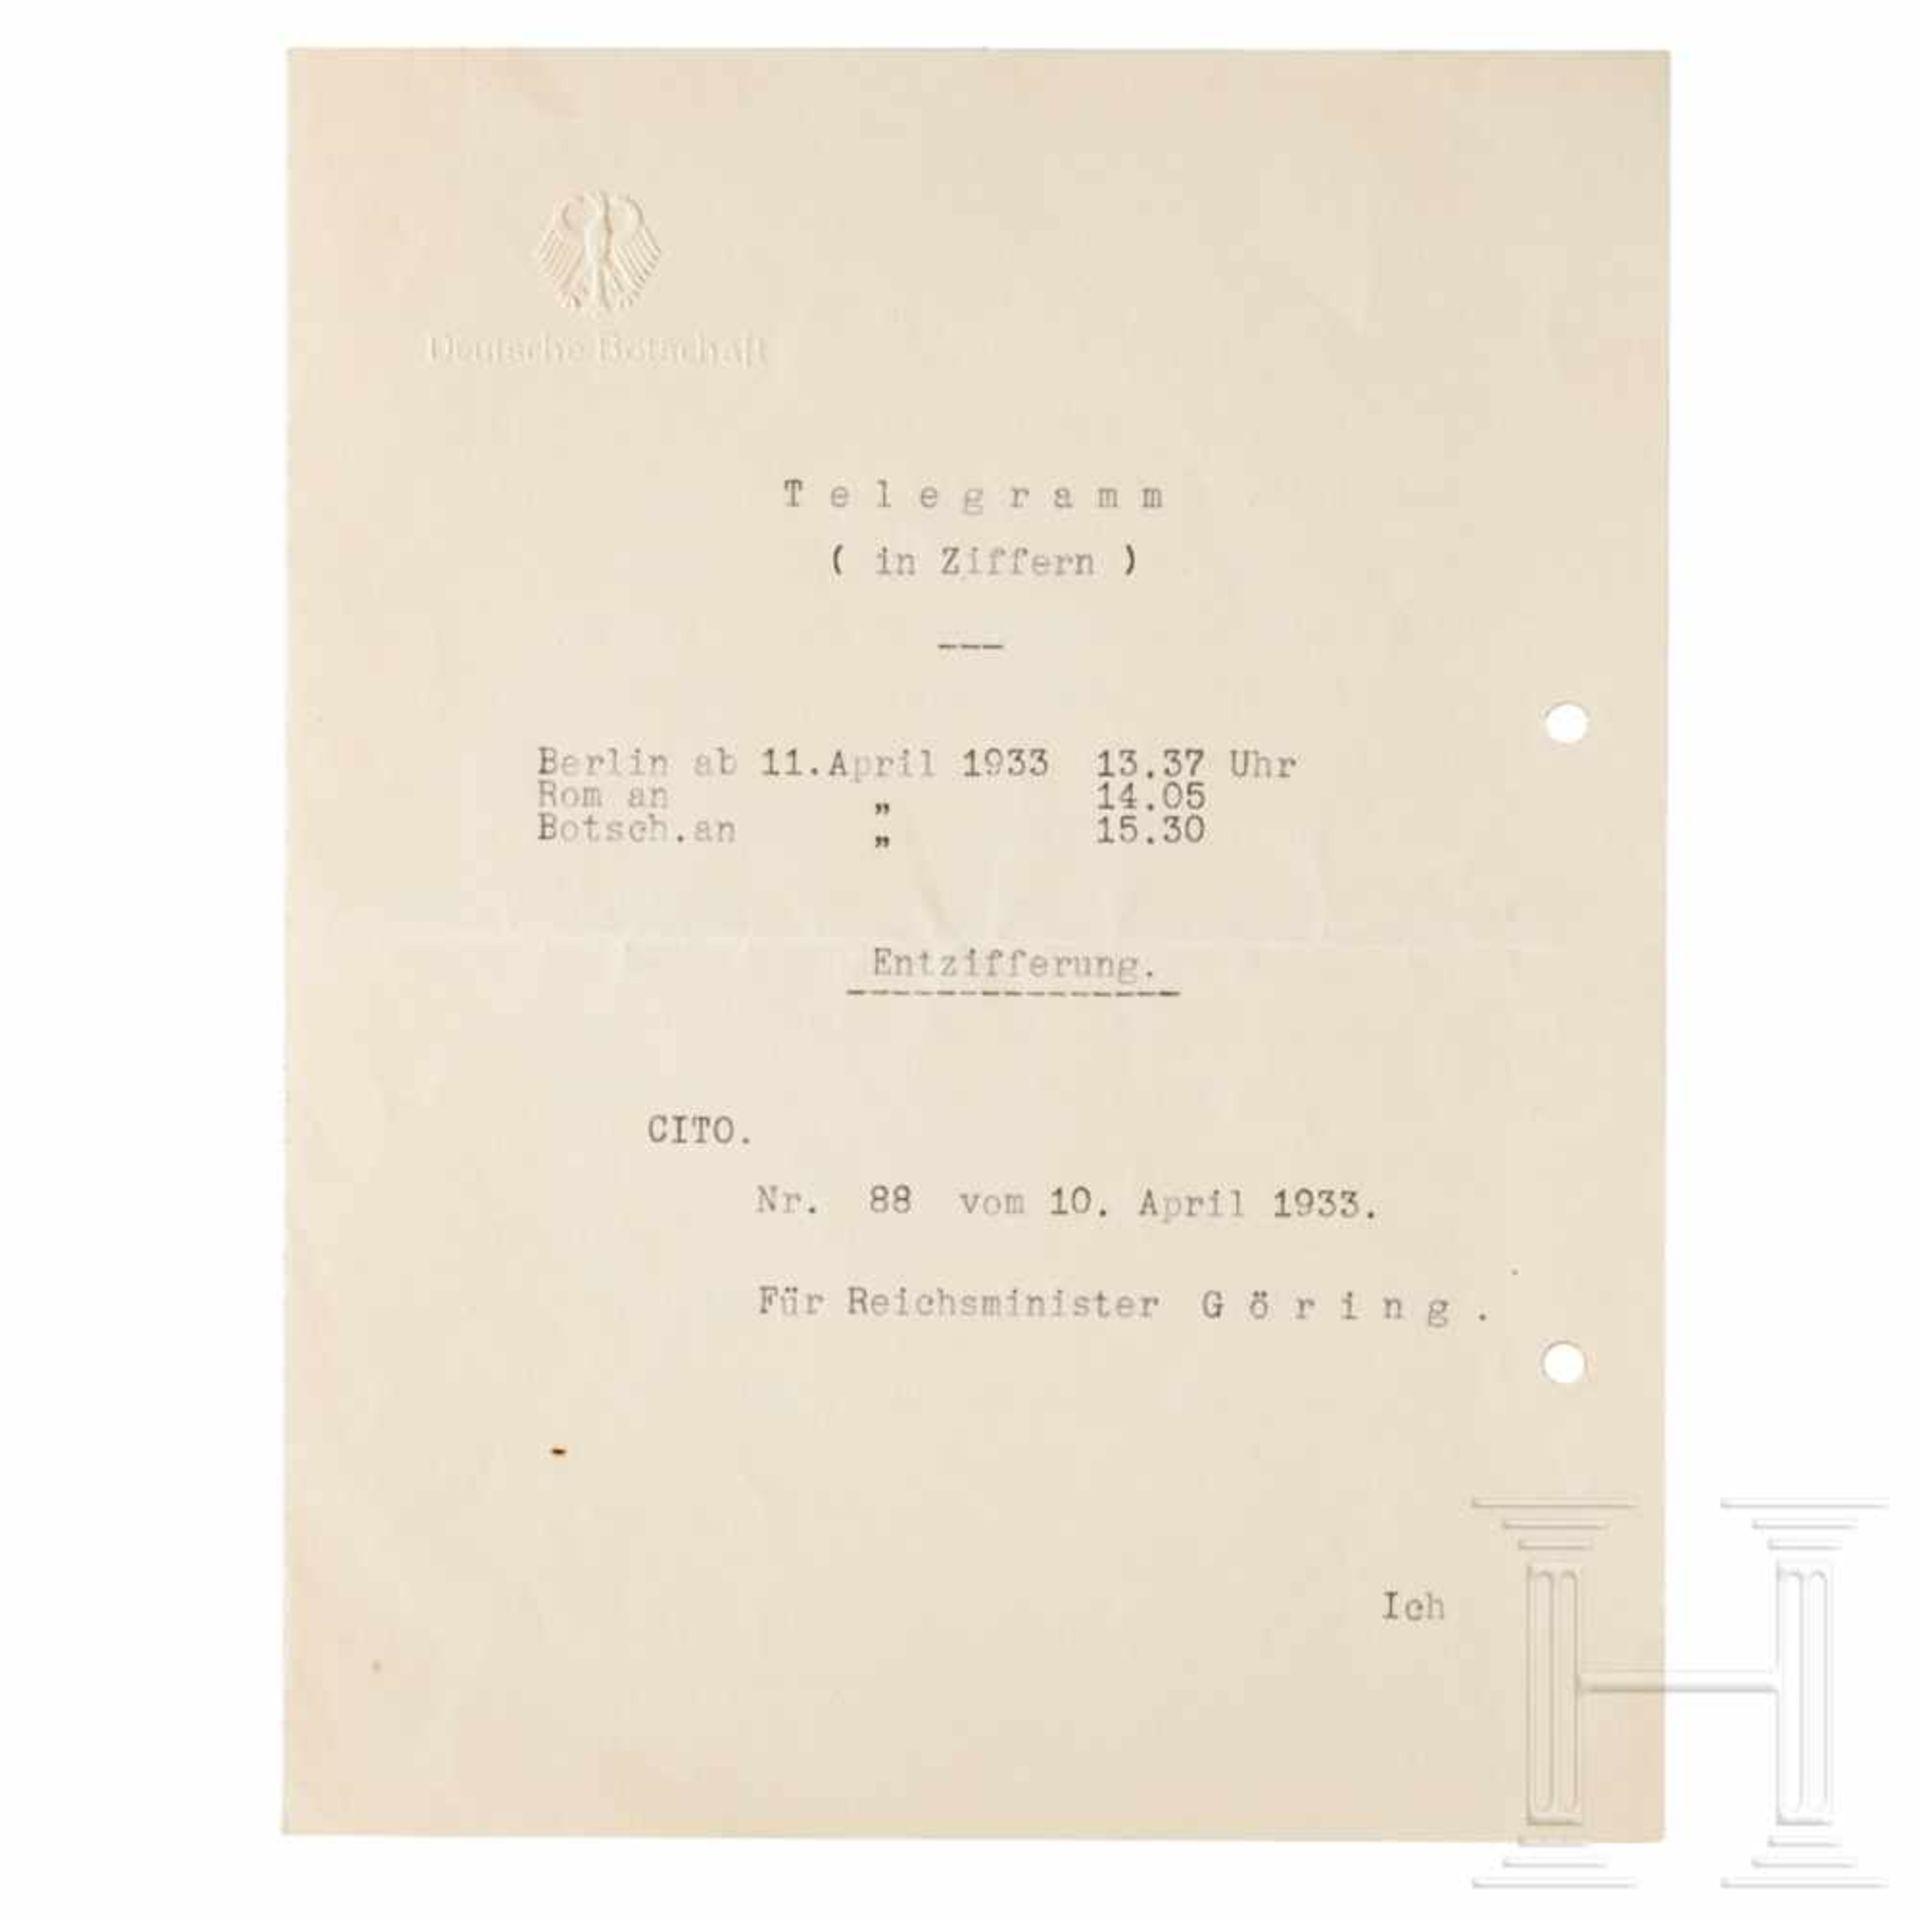 Los 6029 - Benachrichtigungstelegramm Hitlers über Görings Ernennung zum Preußischen Ministerpräsident vom